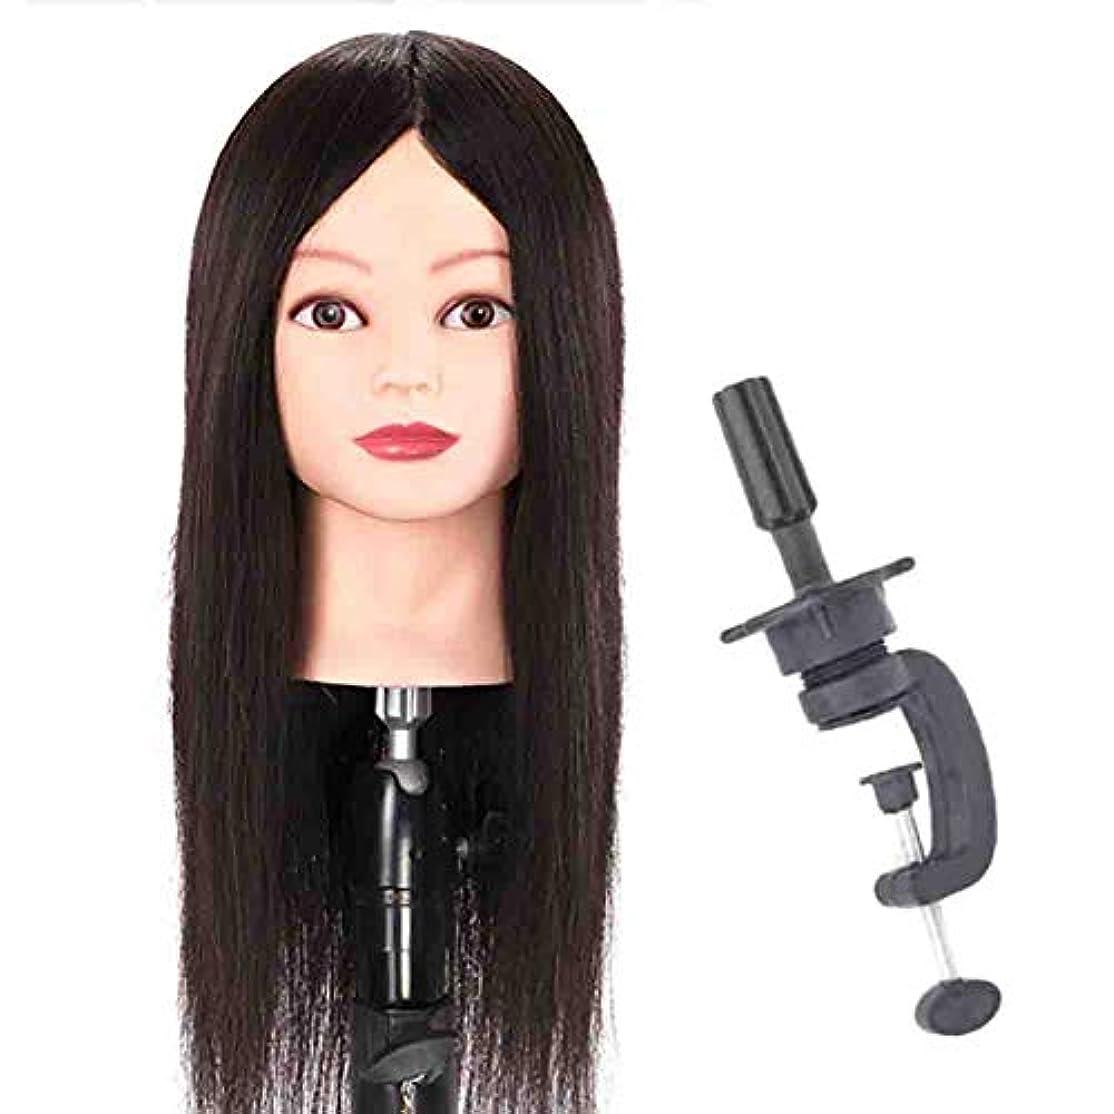 マントル鬼ごっこアプライアンスリアルヘアヘアメイクヘッドモールドヘアサロン練習ホット染色トリミングダミーモデルティーチングヘッド